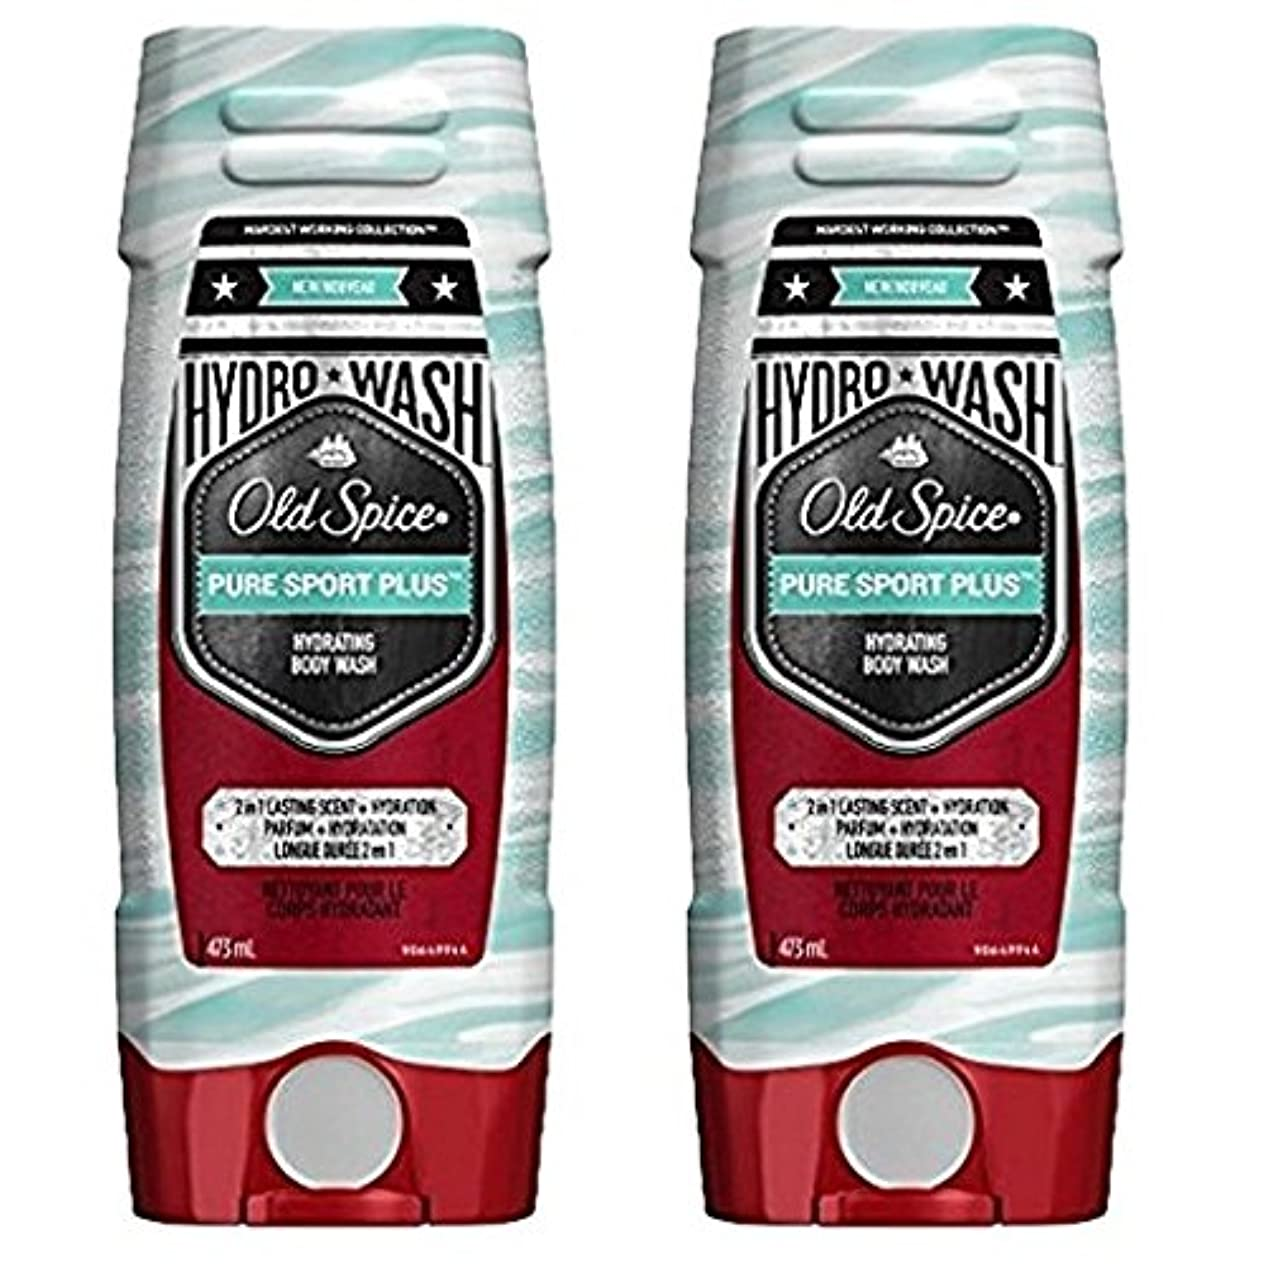 どれ算術チョップ海外直送品 Old Spice Hydro Wash Body Wash Hardest Working Collection Pure Sport Plus 16 Oz, 2 Pack ボディーソープ 2本